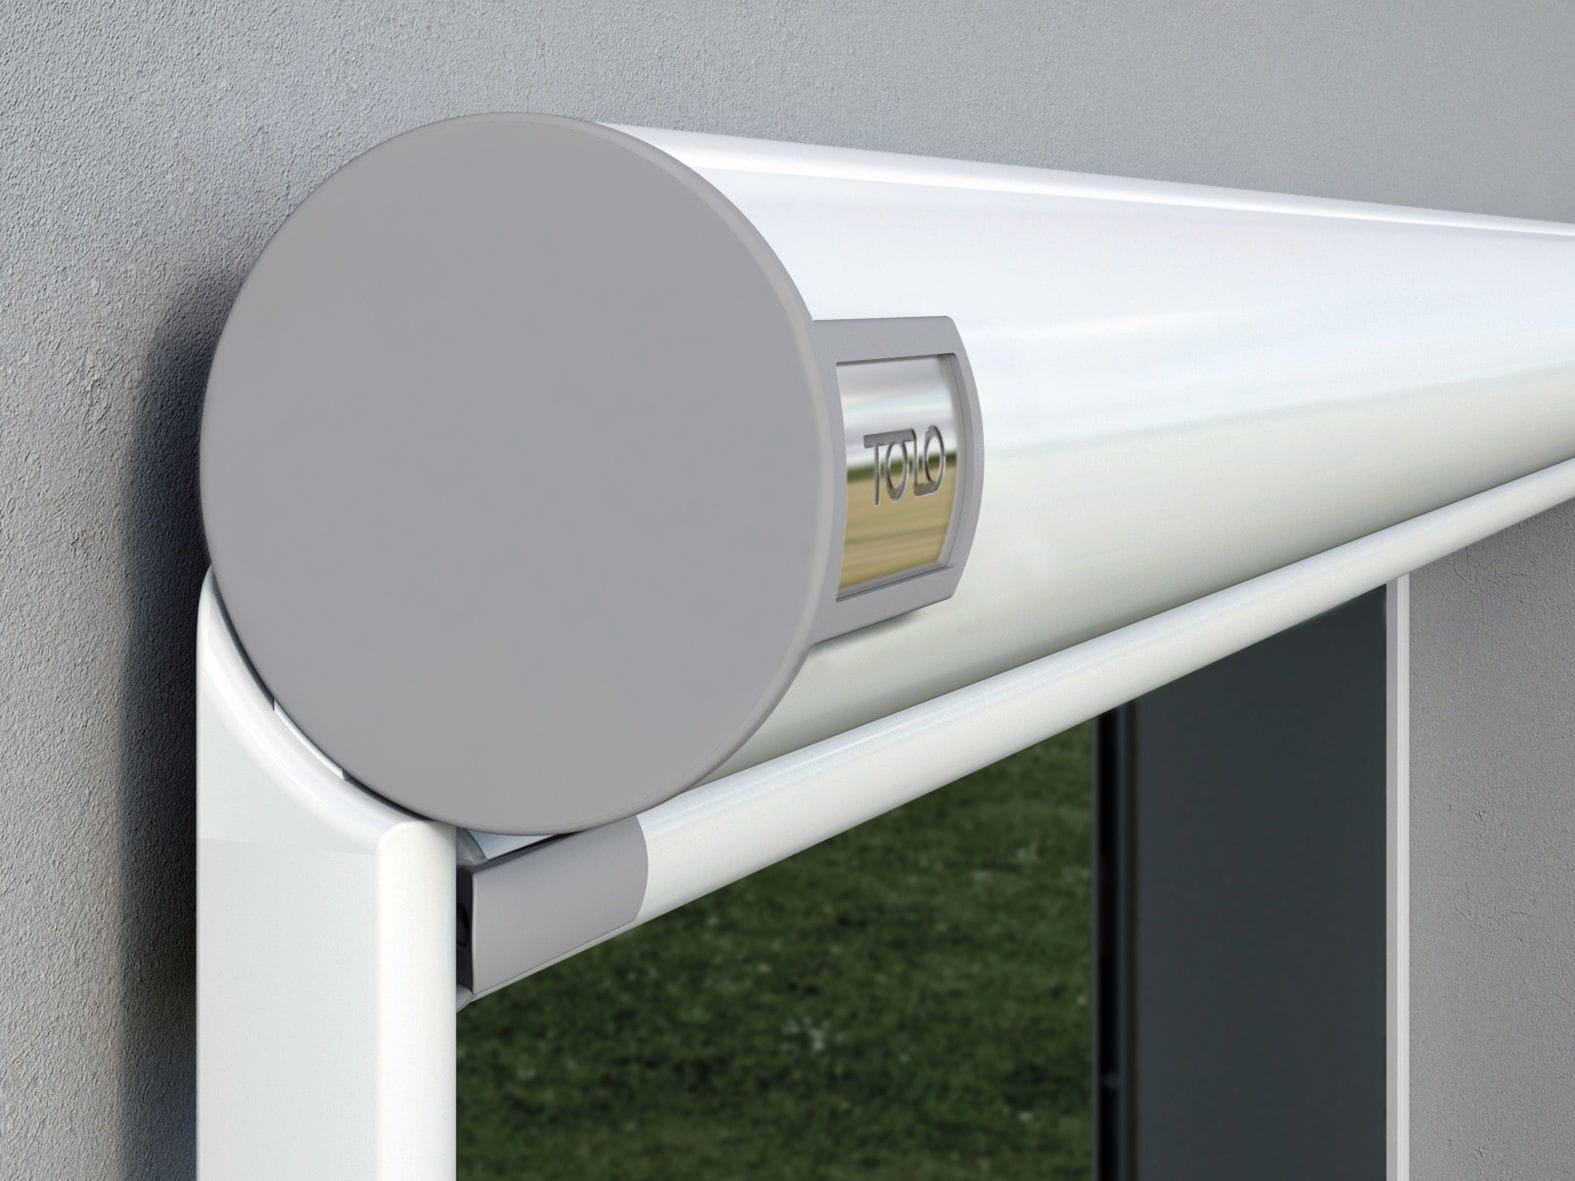 Scopri tutte le soluzioni somfy per motorizzare le tende elettriche per interni. Tenda Da Sole A Rullo Tolo Ga Gibus Spa In Tela In Alluminio Da Esterno